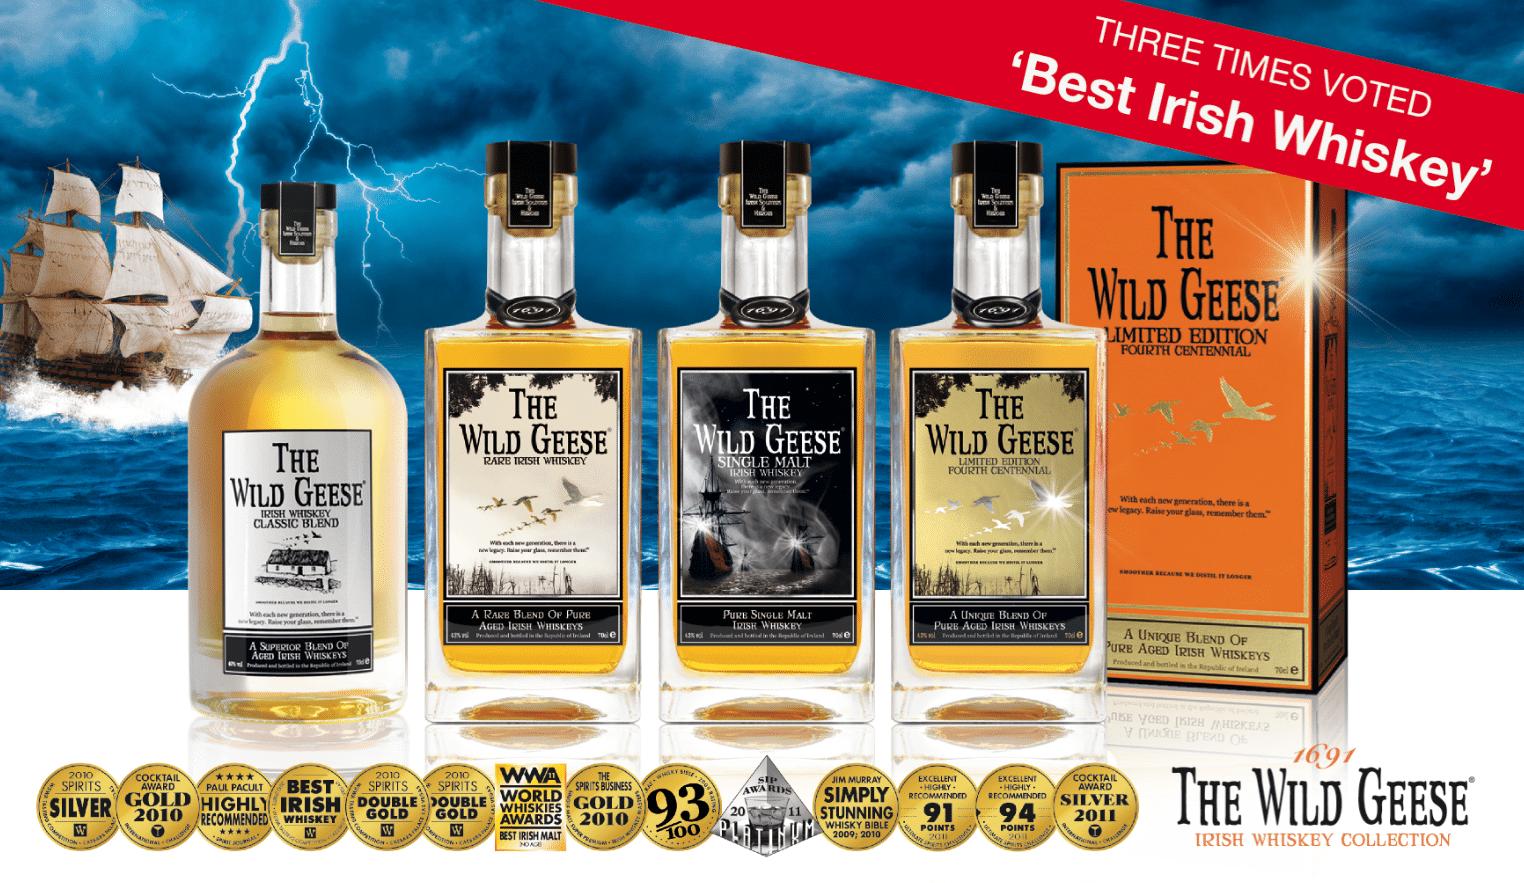 La colección de whisky de los gansos salvajes